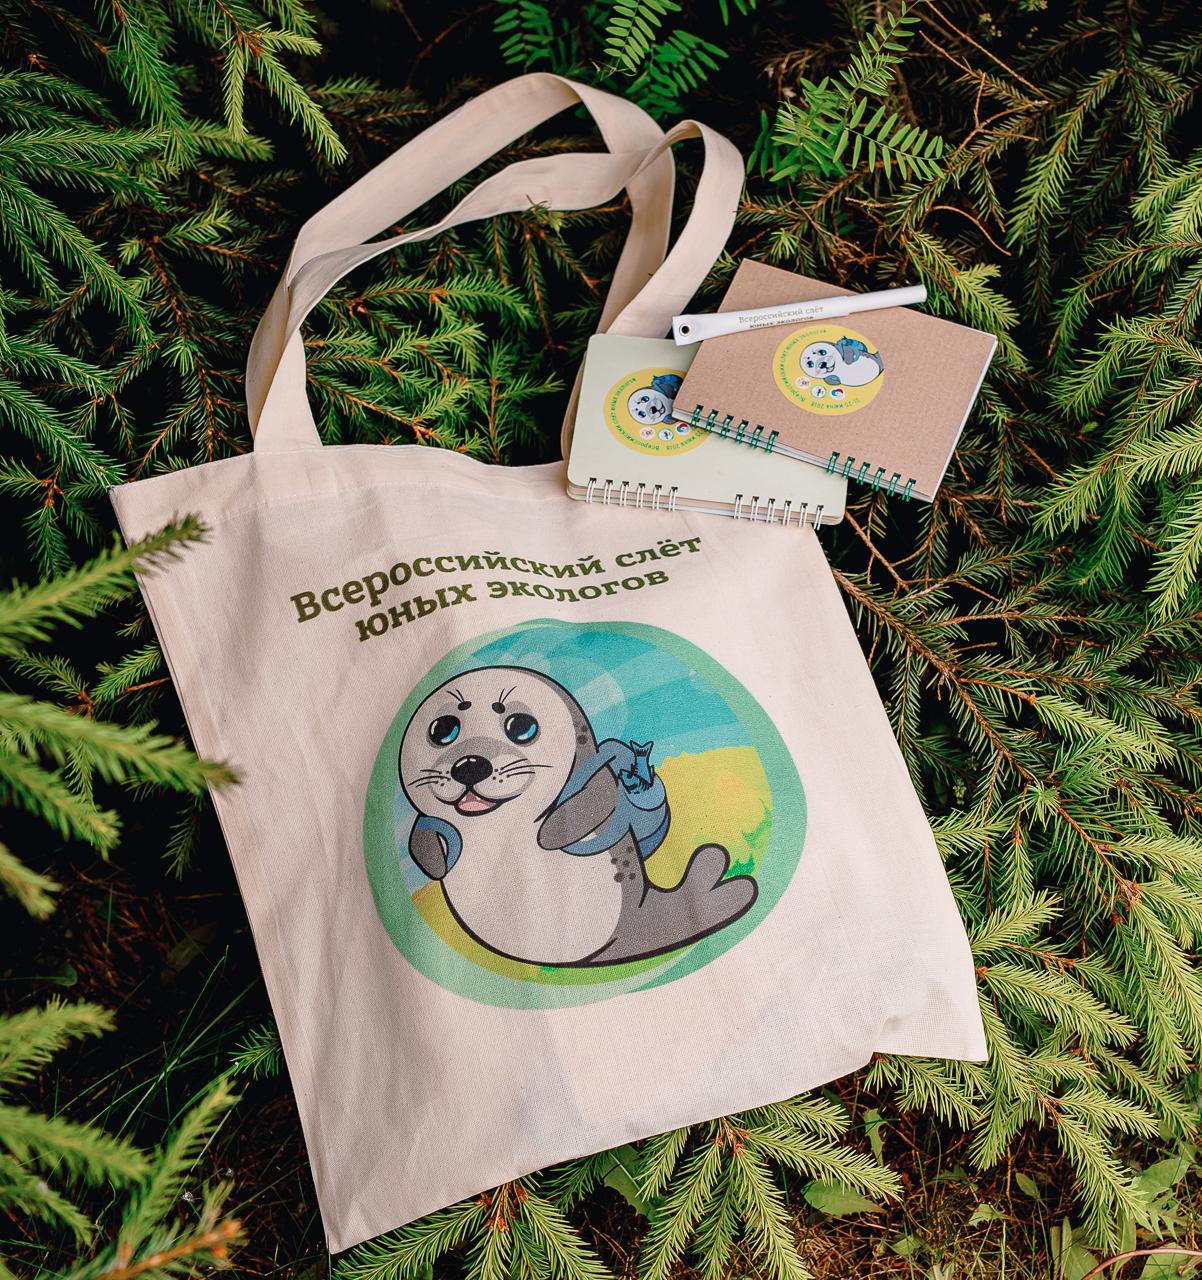 Как экопроект «Тайга» выпускает экологичные и ресурсосберегающие сувениры для компаний